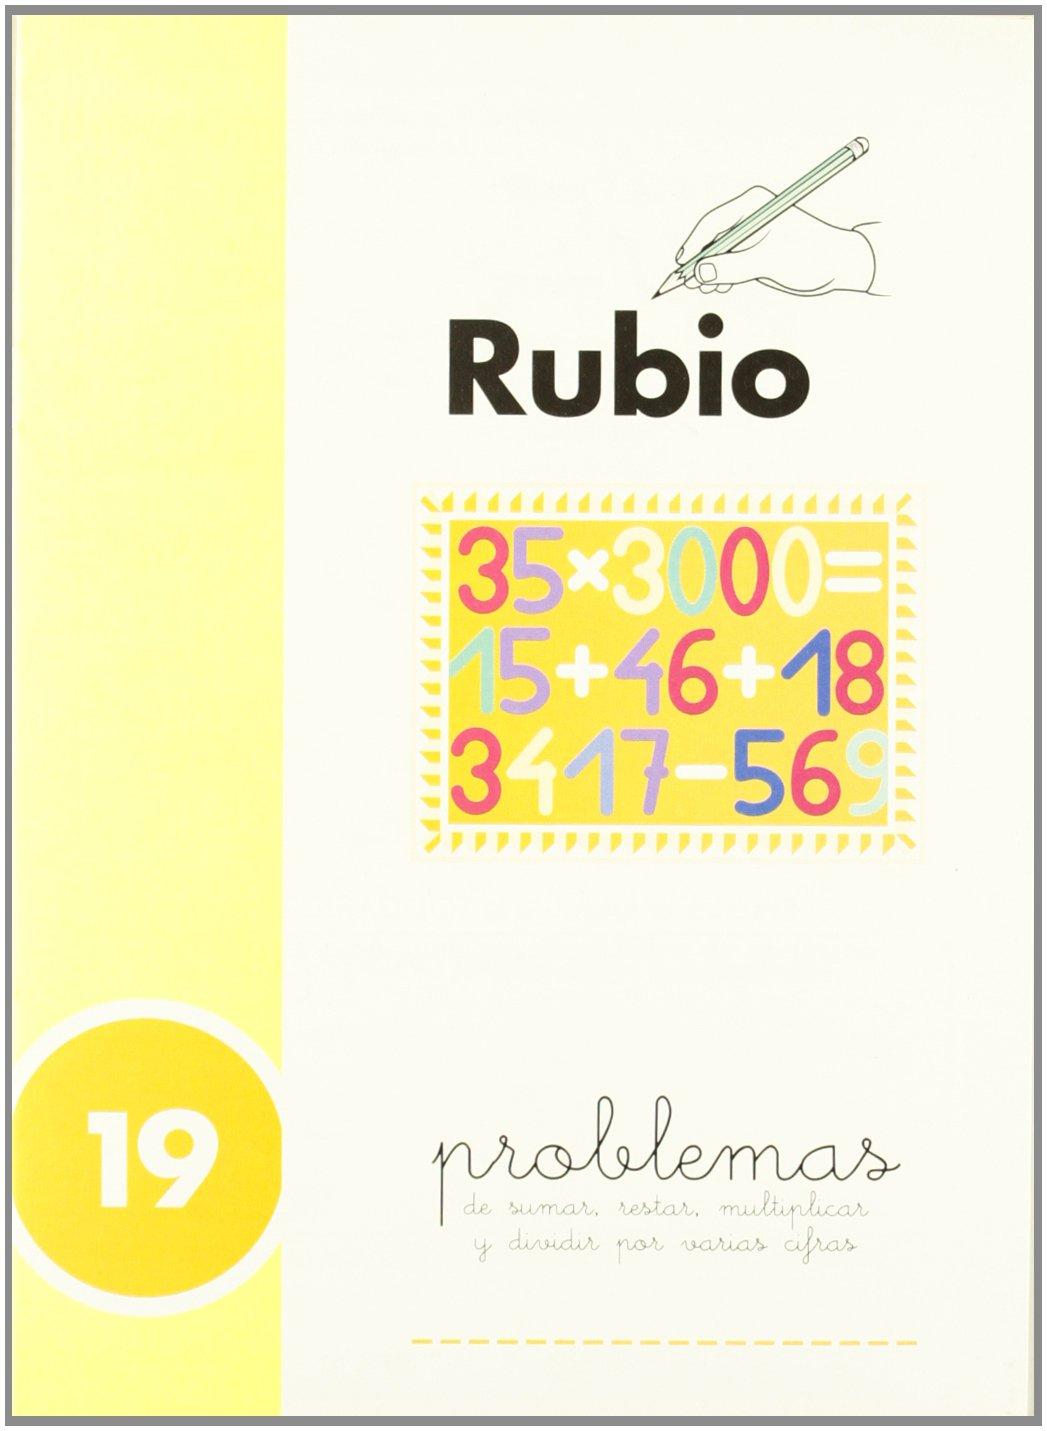 Rubio PR-19 - Cuaderno problemas